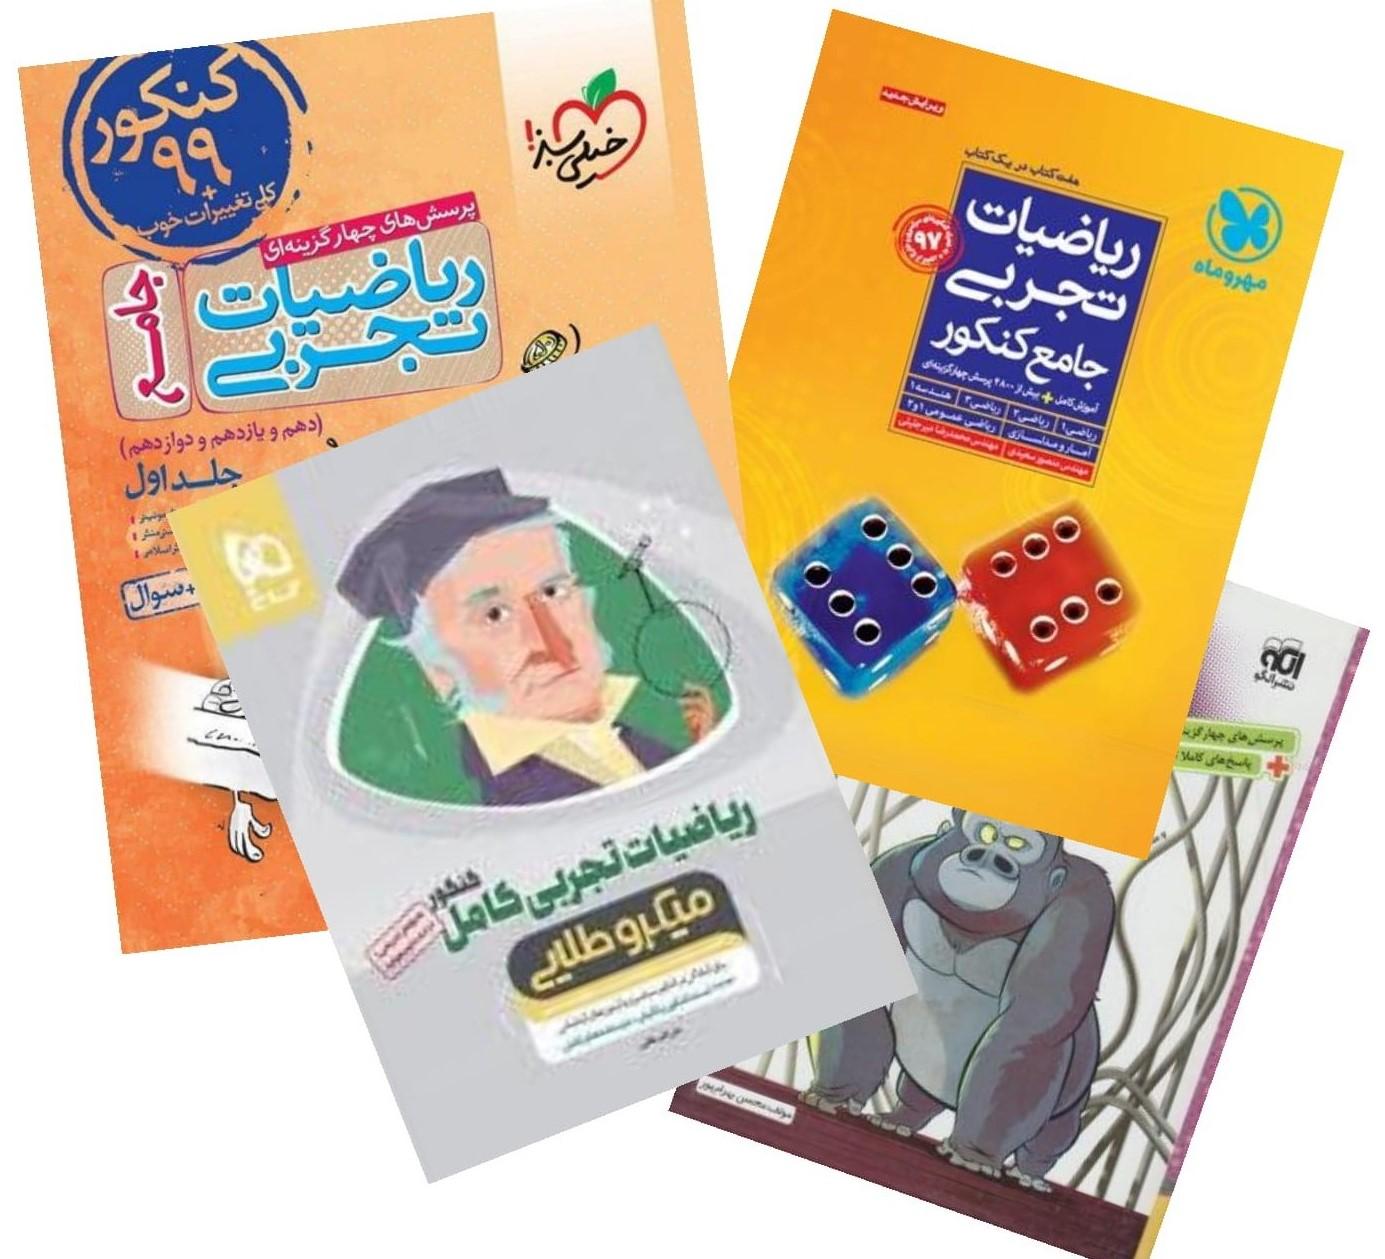 بهترین کتاب کمک آموزشی ریاضی